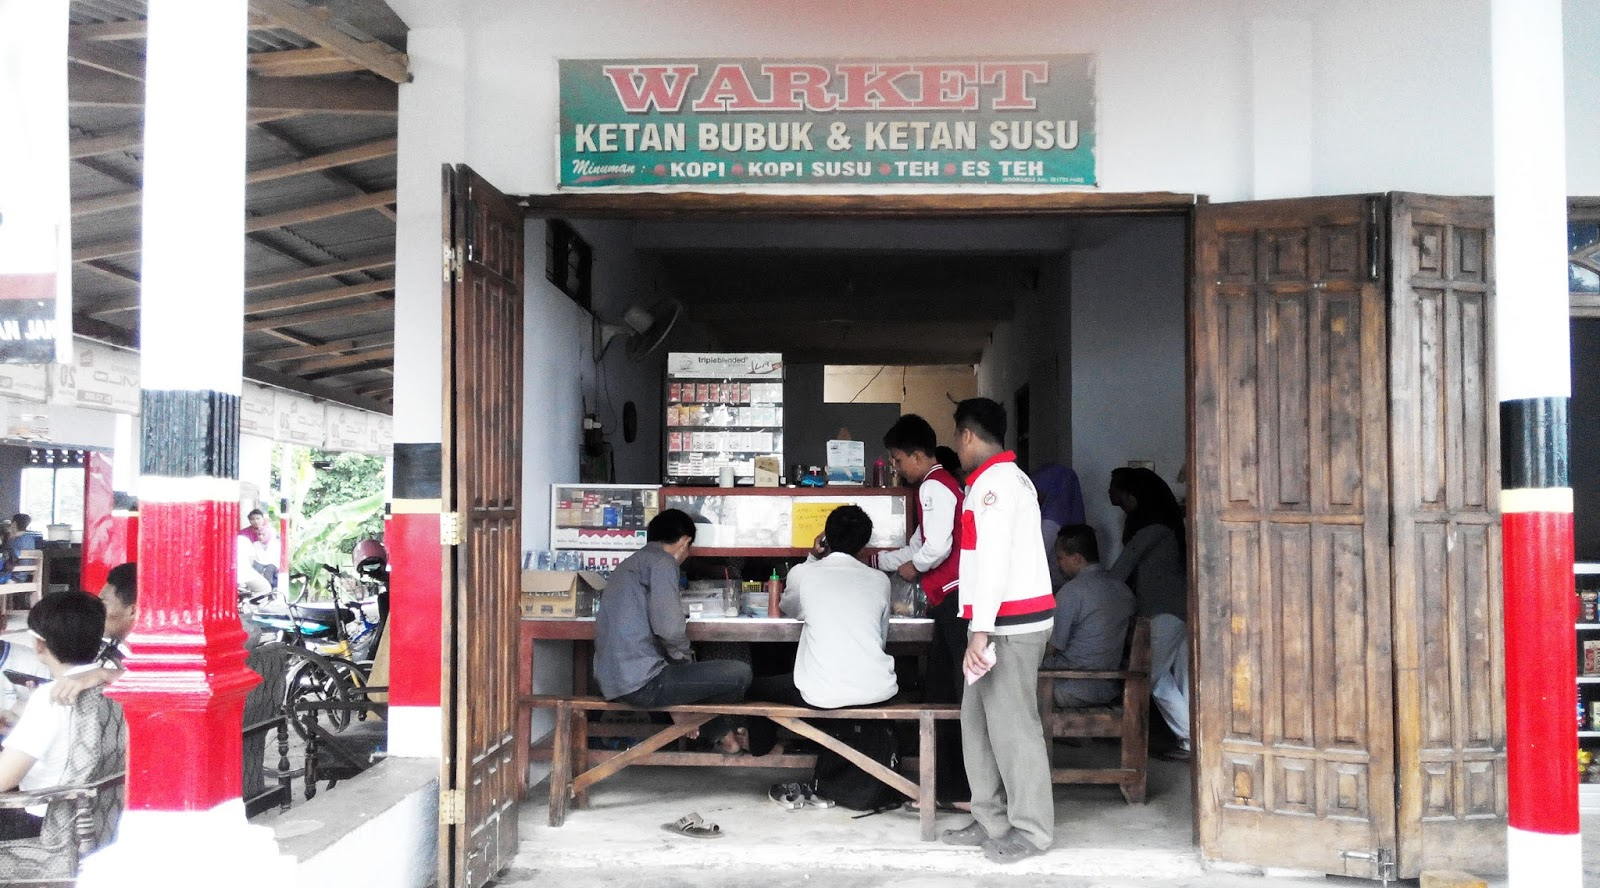 Warung Warket (Warung Ketan Susu) kampung inggris pare